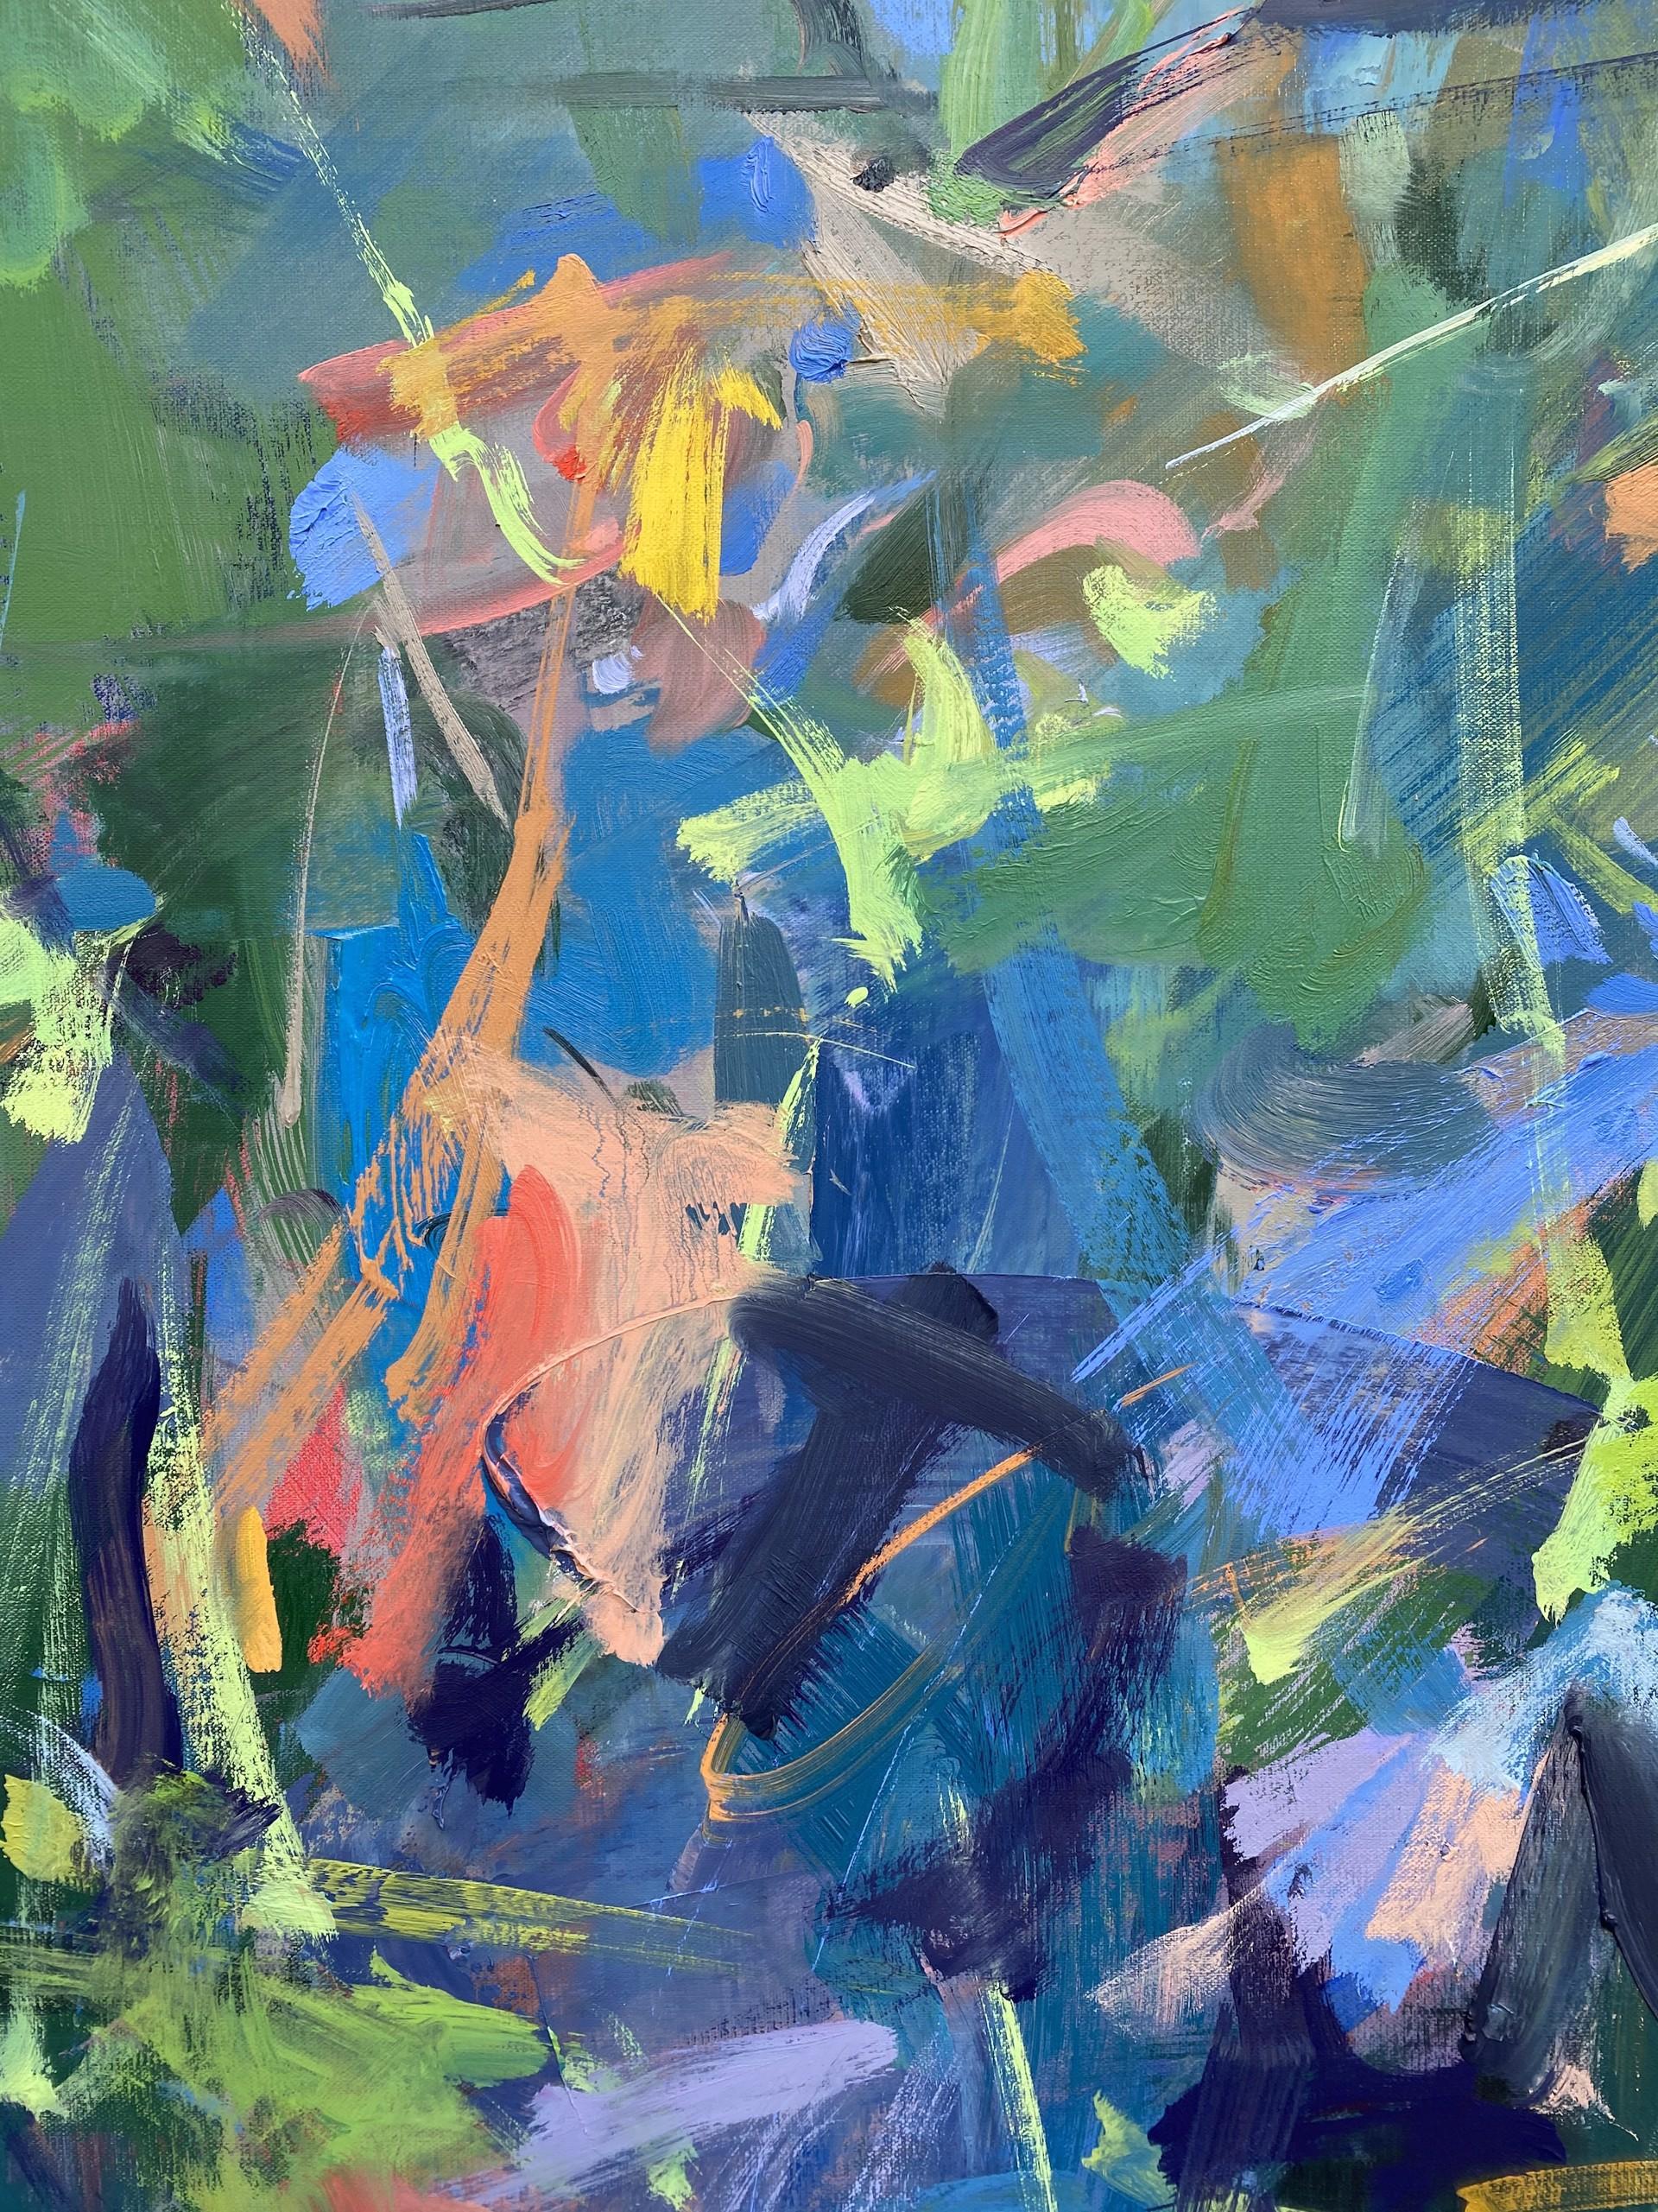 Dance, Dance, Dance by Marissa Vogl